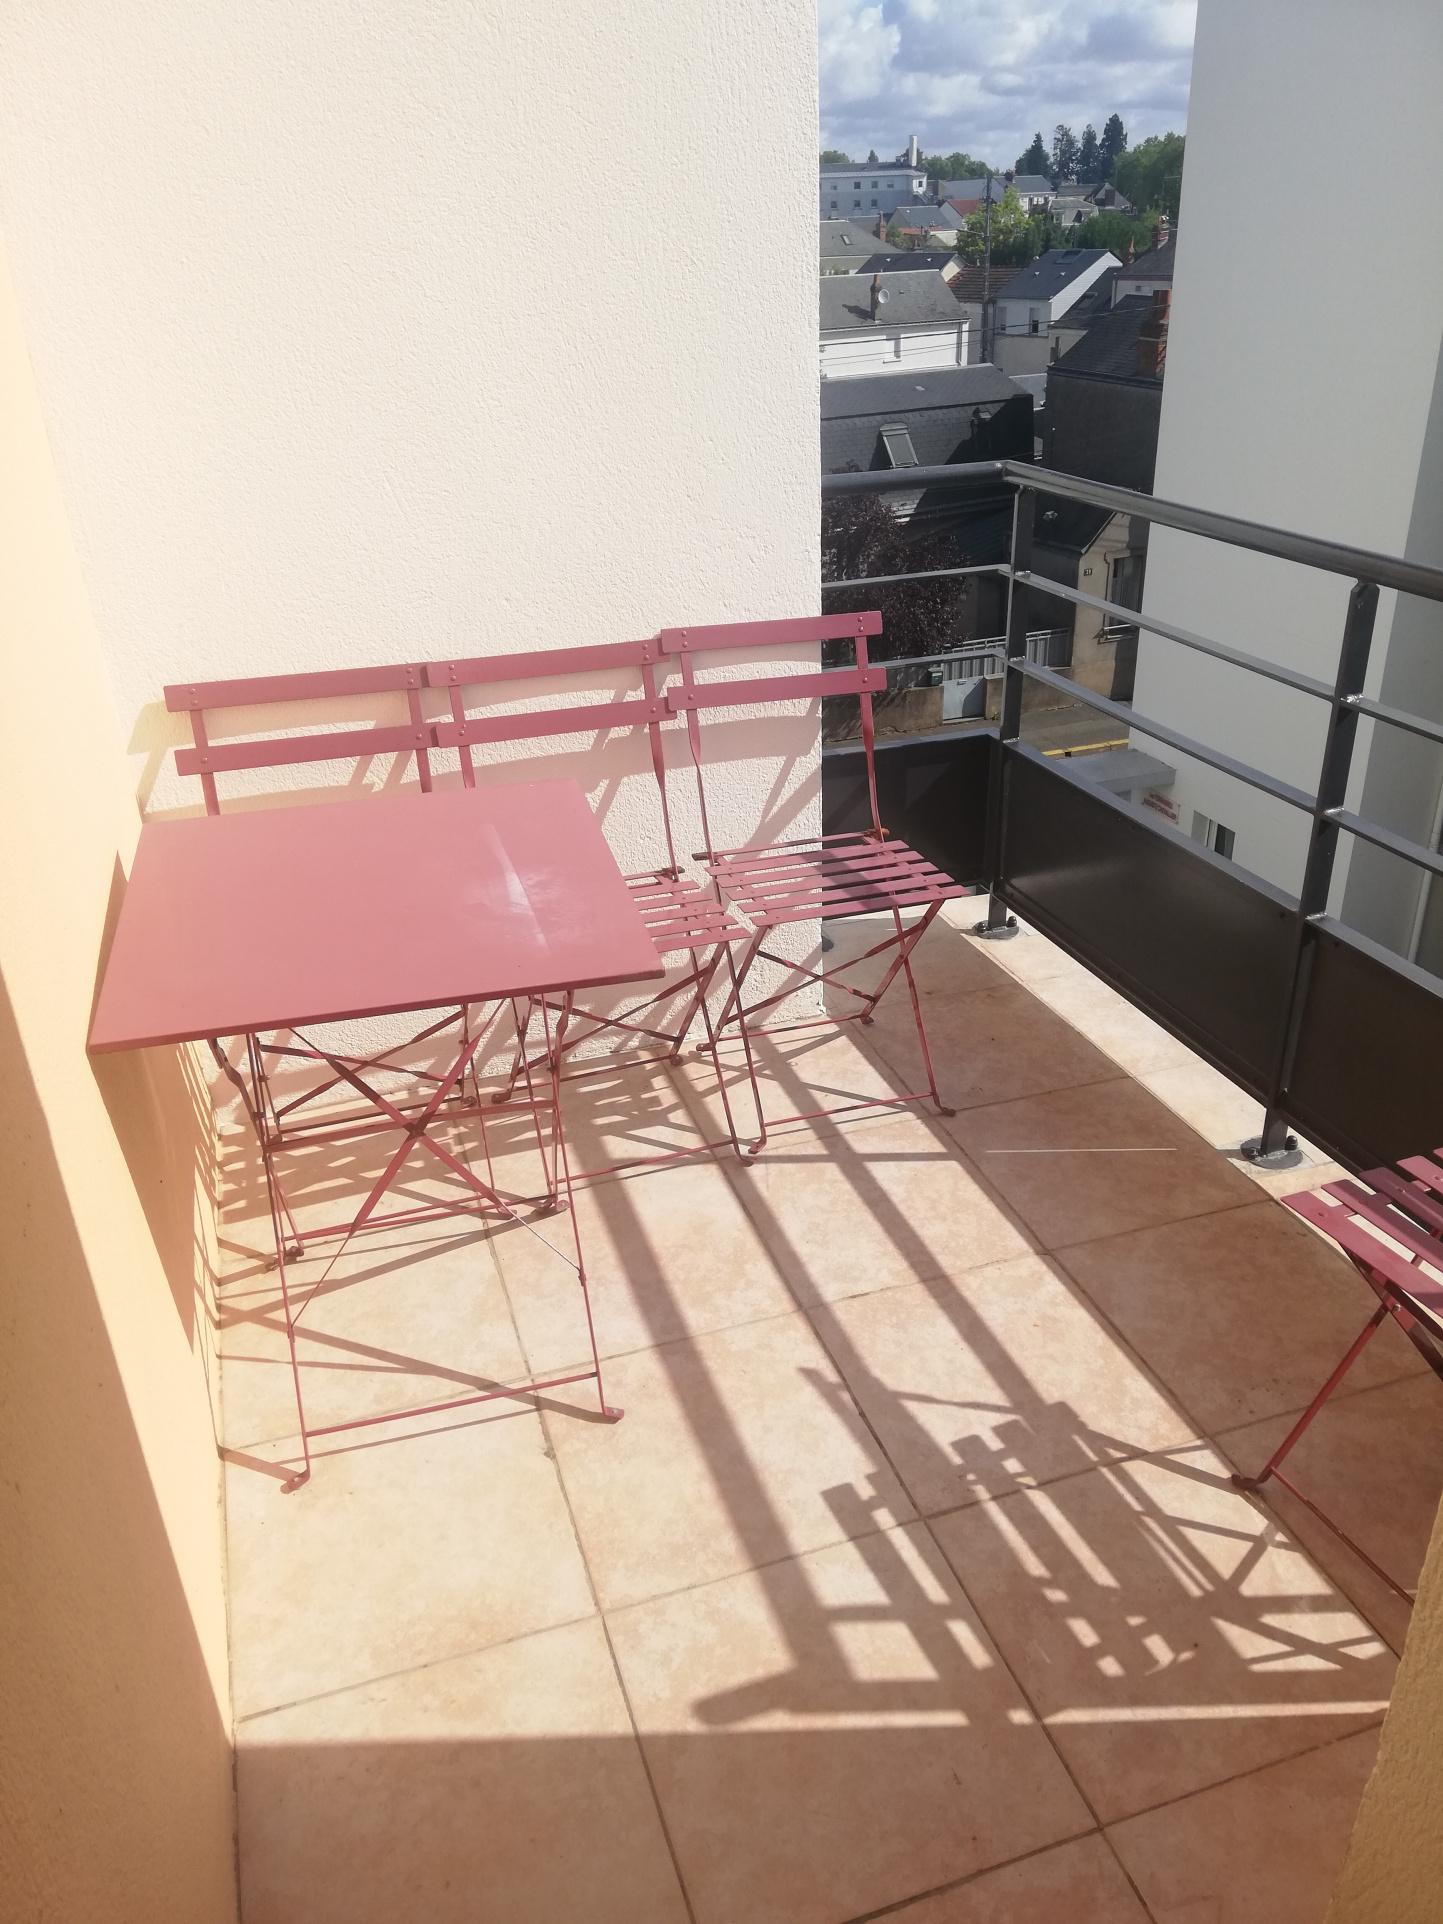 tours-studio-meuble-21-4-m2-469-cc-place-de-parking